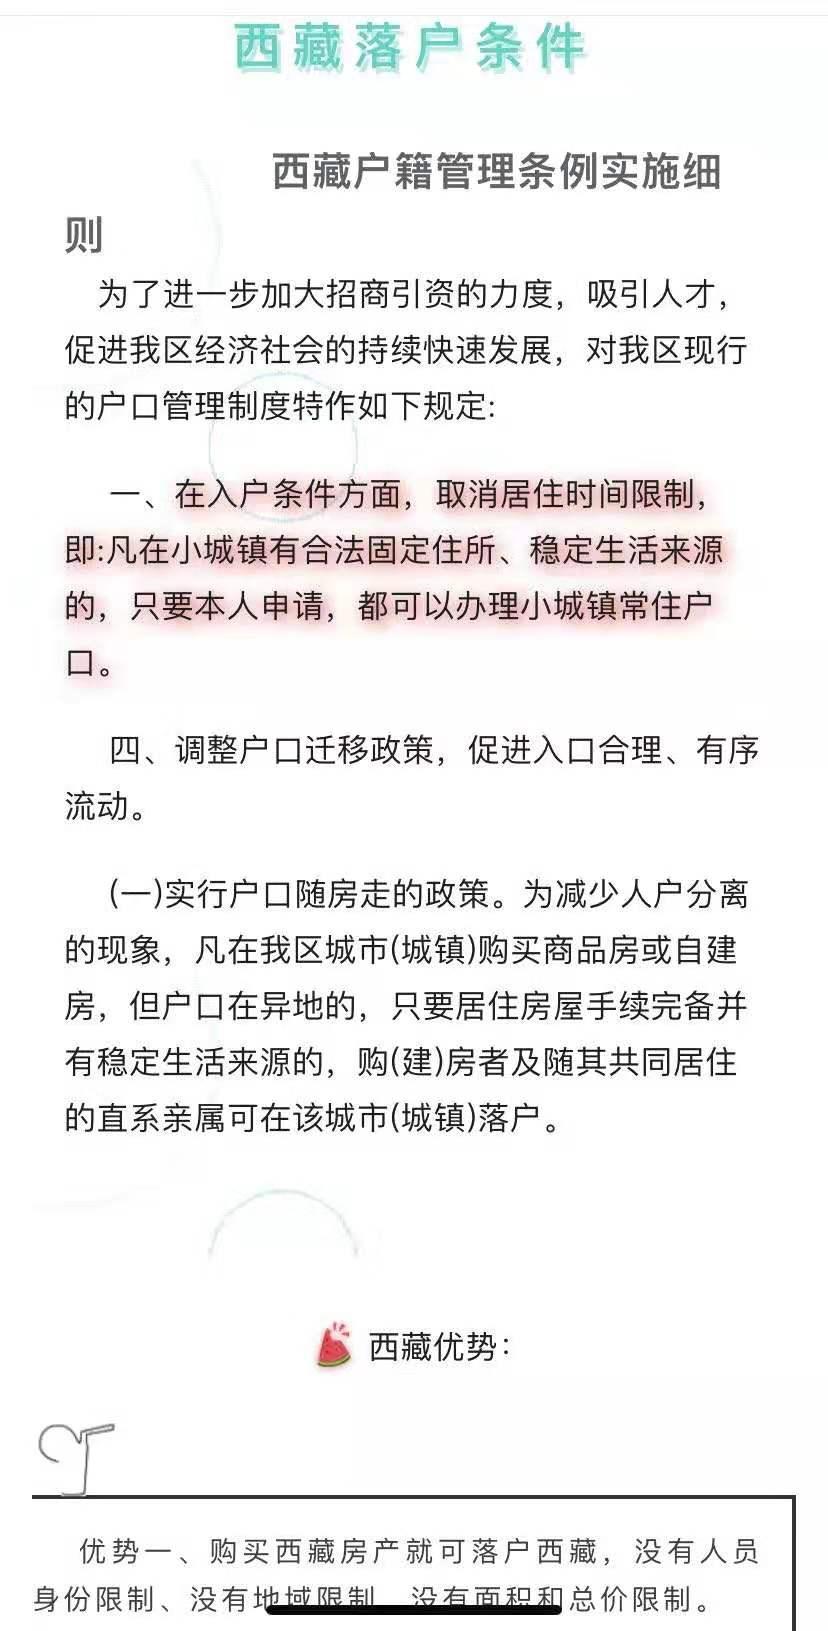 为什么说西藏落户的优势比天津的优势大